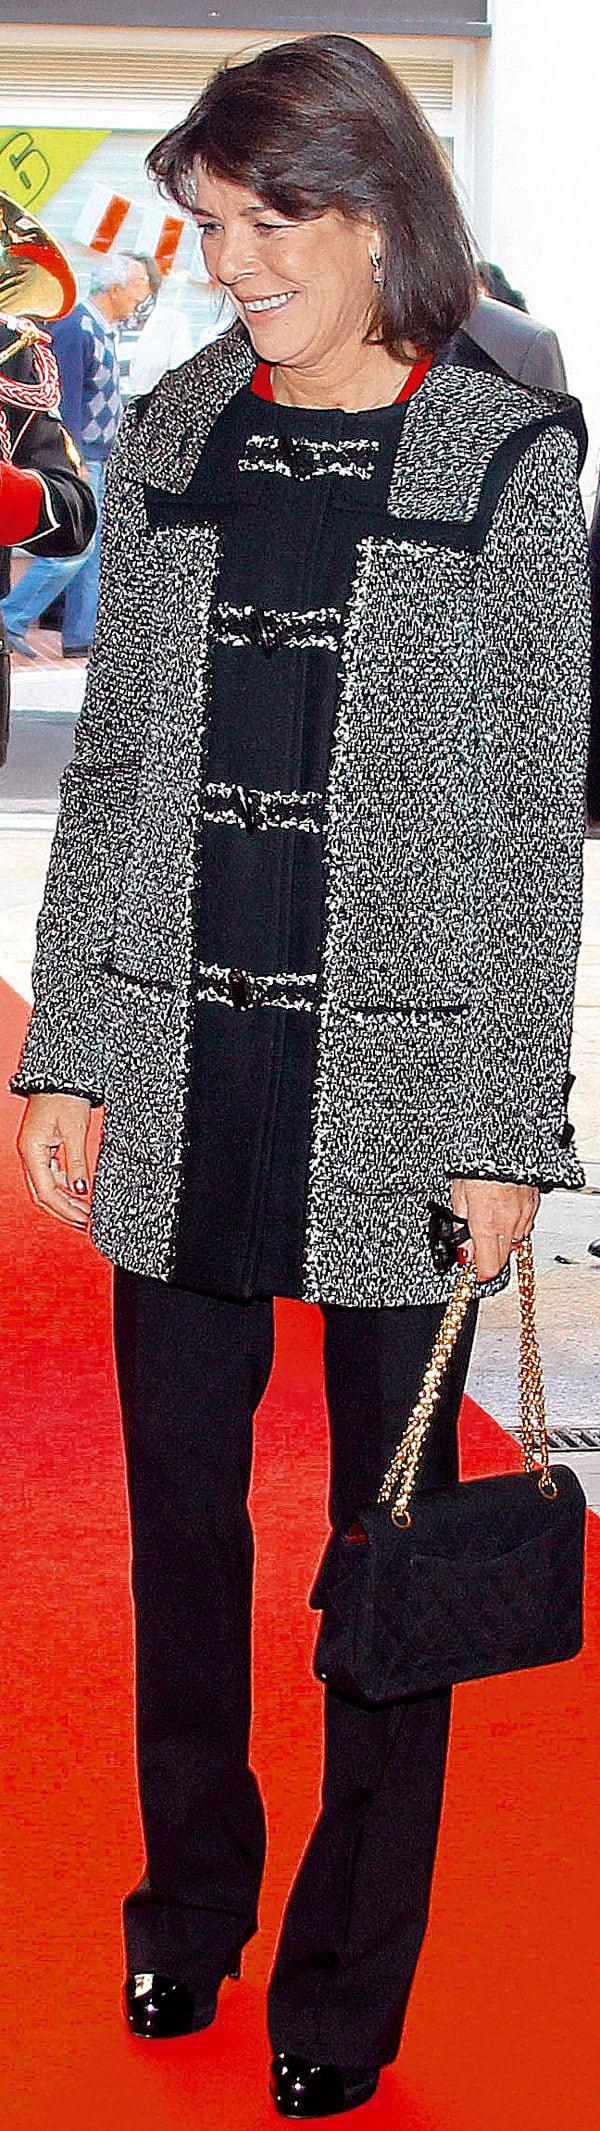 negro-y-tweed